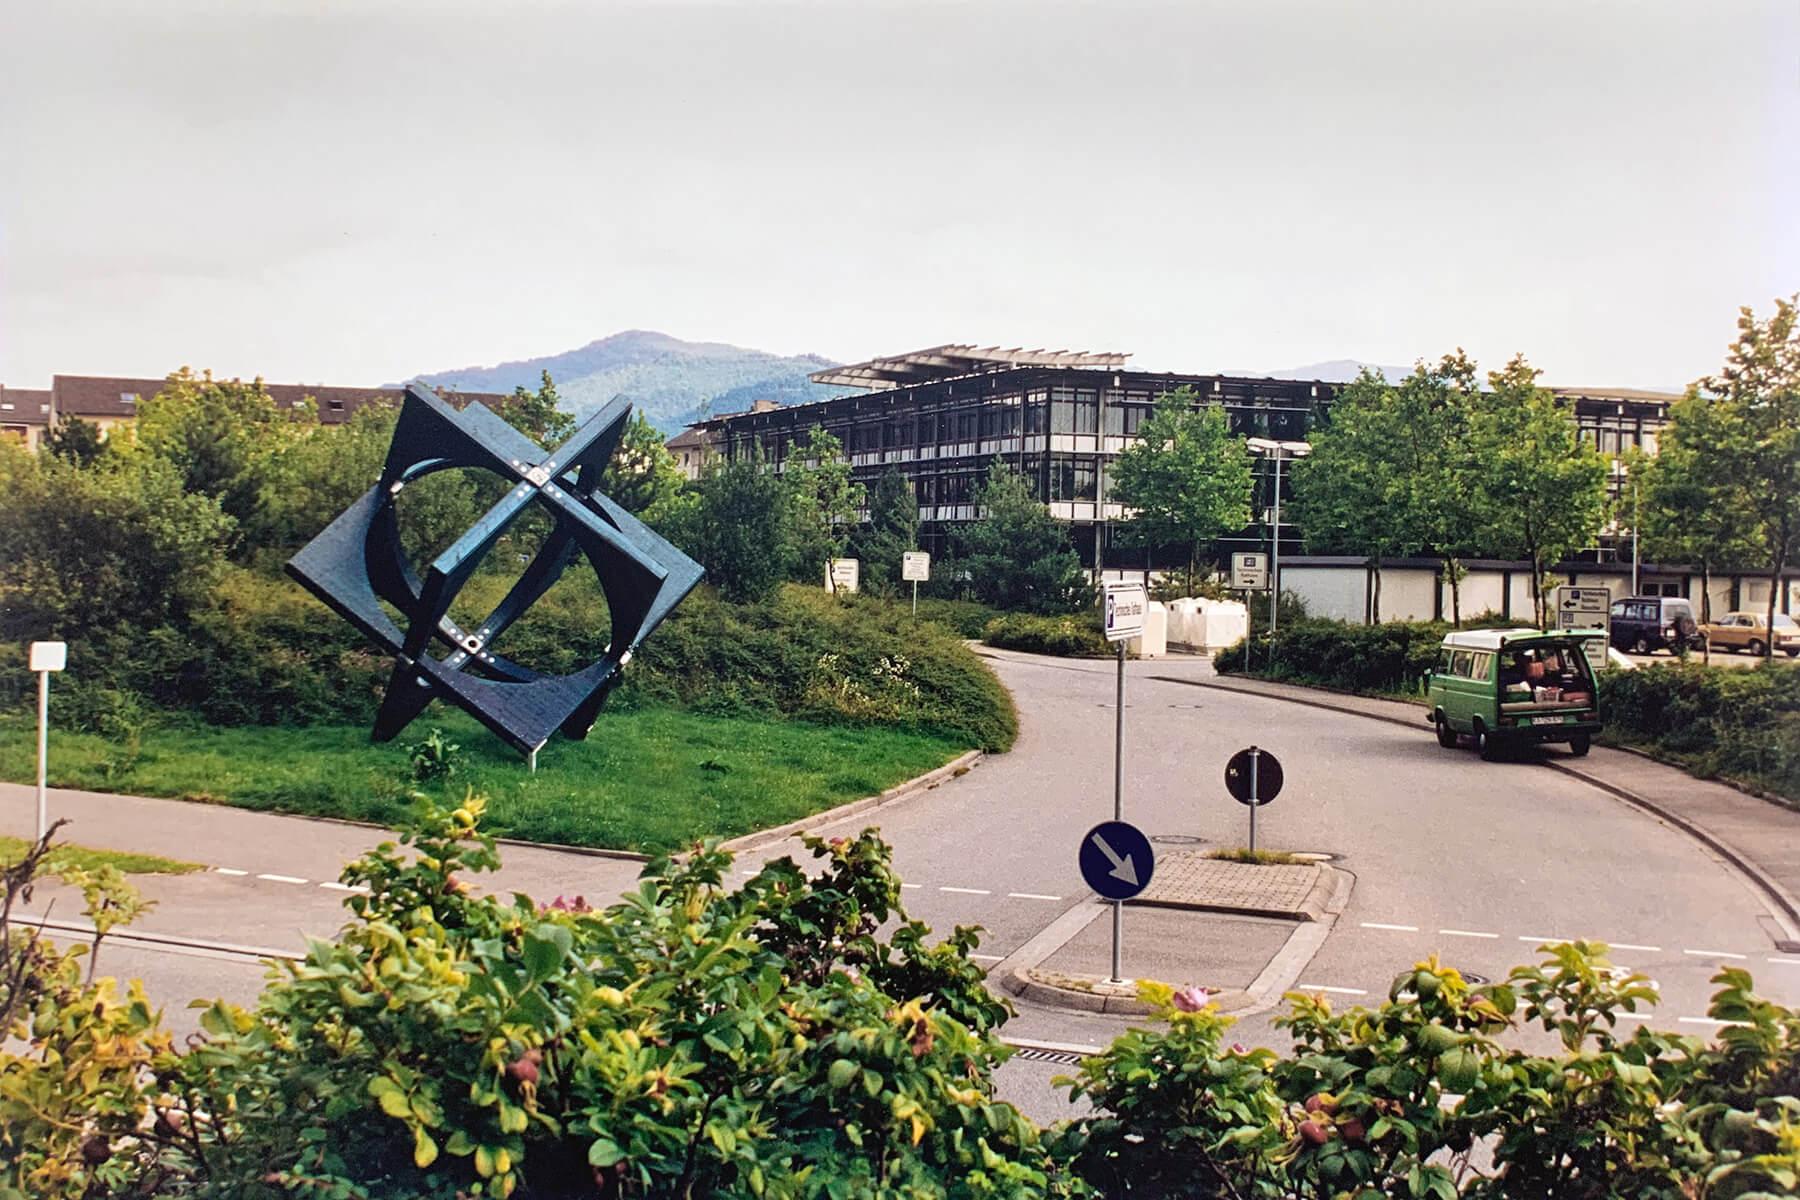 Bildhauer OMI Riesterer Karlsruhe Projekte Kugel Würfel Technisches Rathaus Freiburg